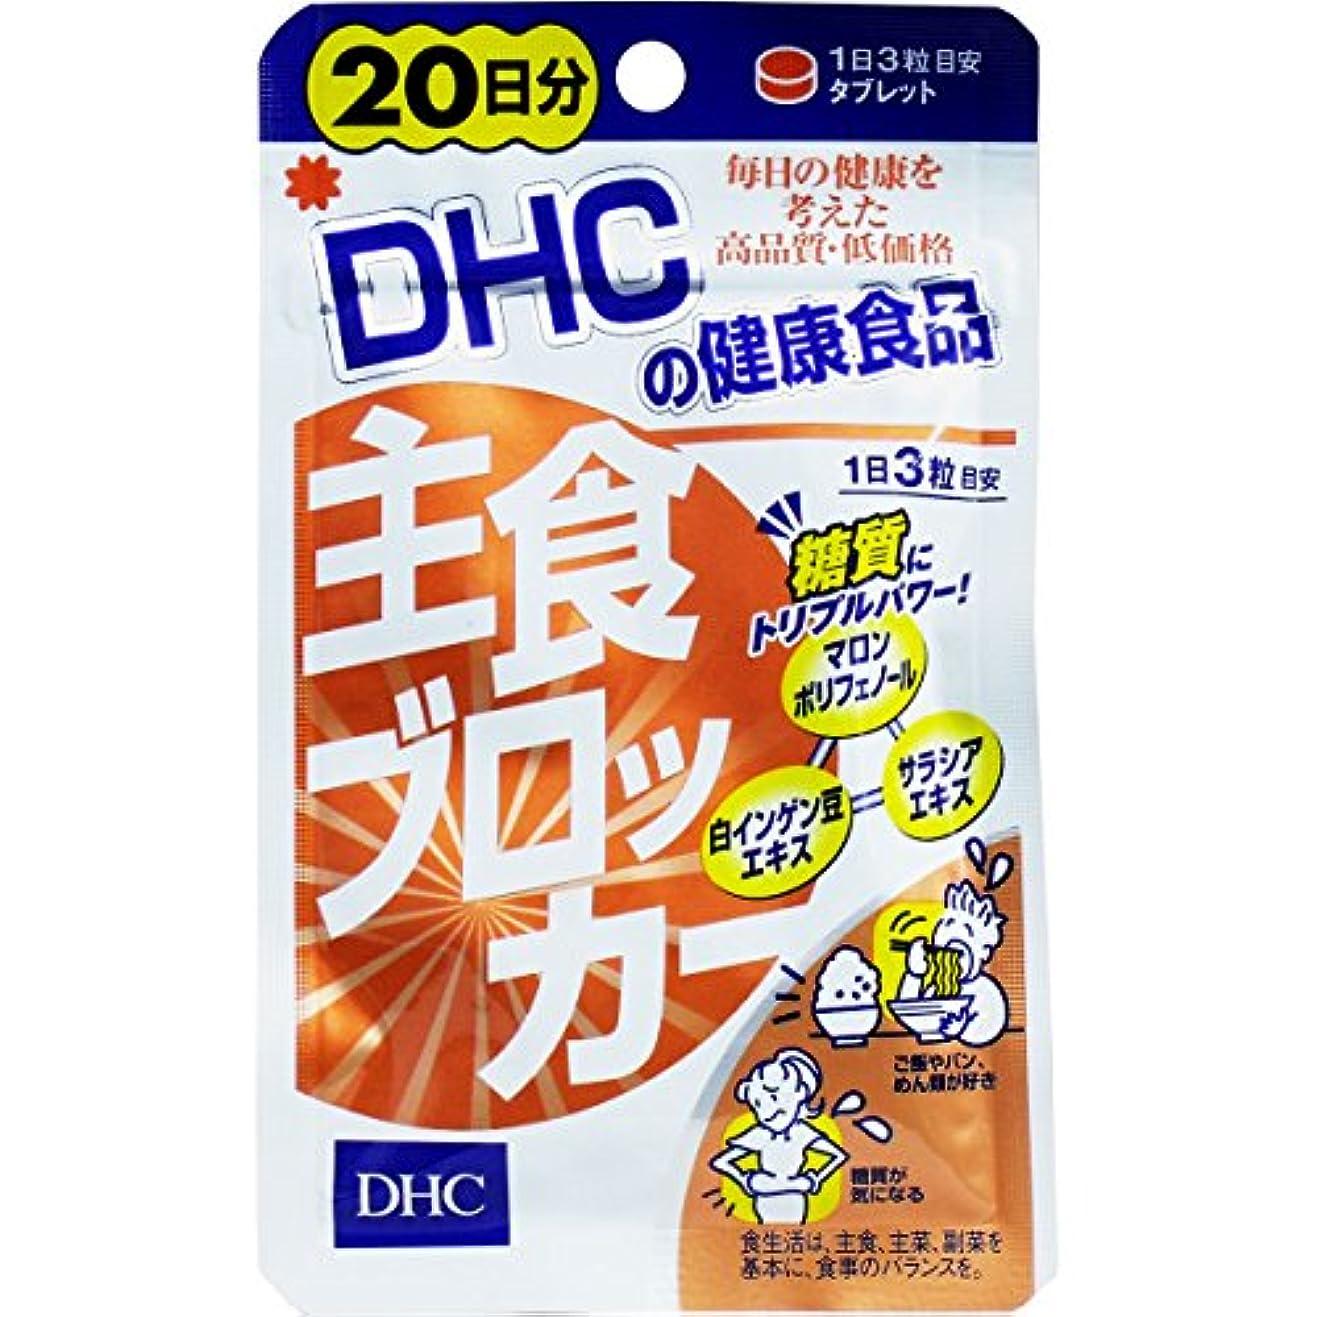 通常放棄された売り手お得な6個セット 炭水化物が好きな方へオススメ DHC 主食ブロッカー 20日分(60粒)